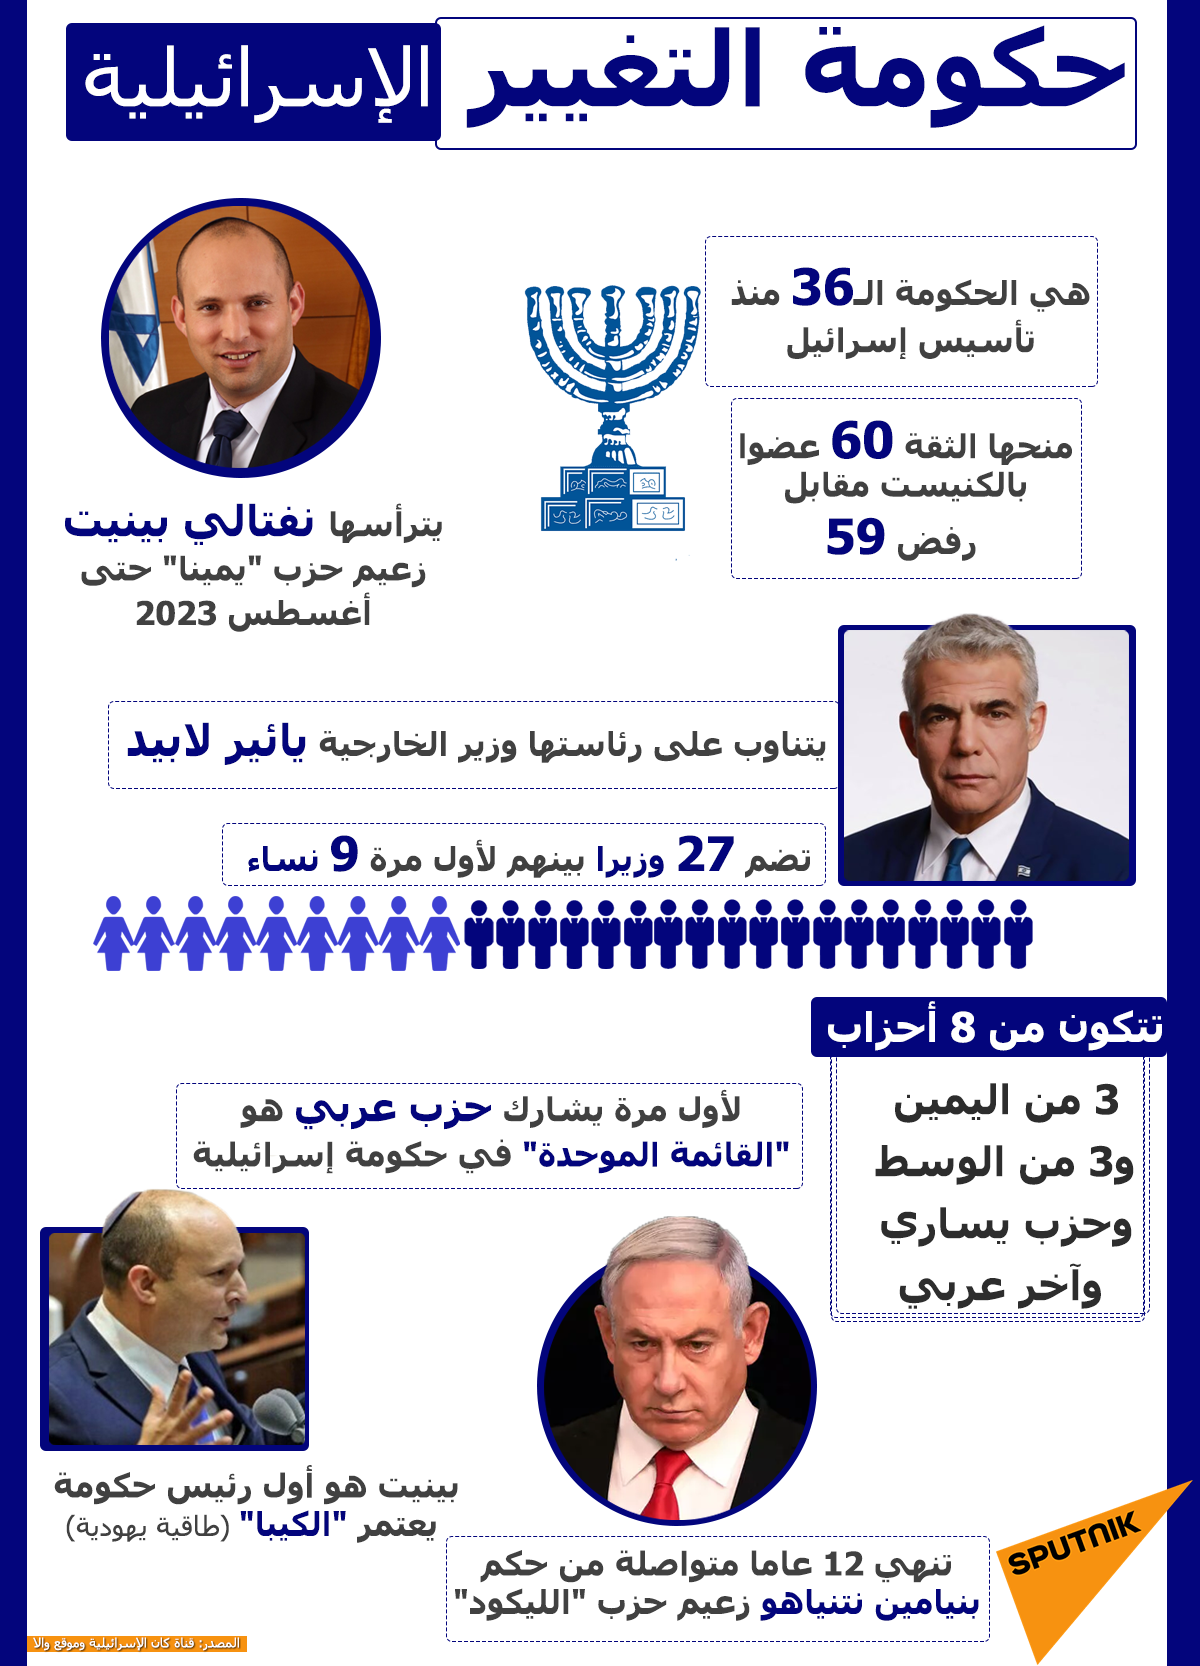 حكومة التغيير الإسرائيلية